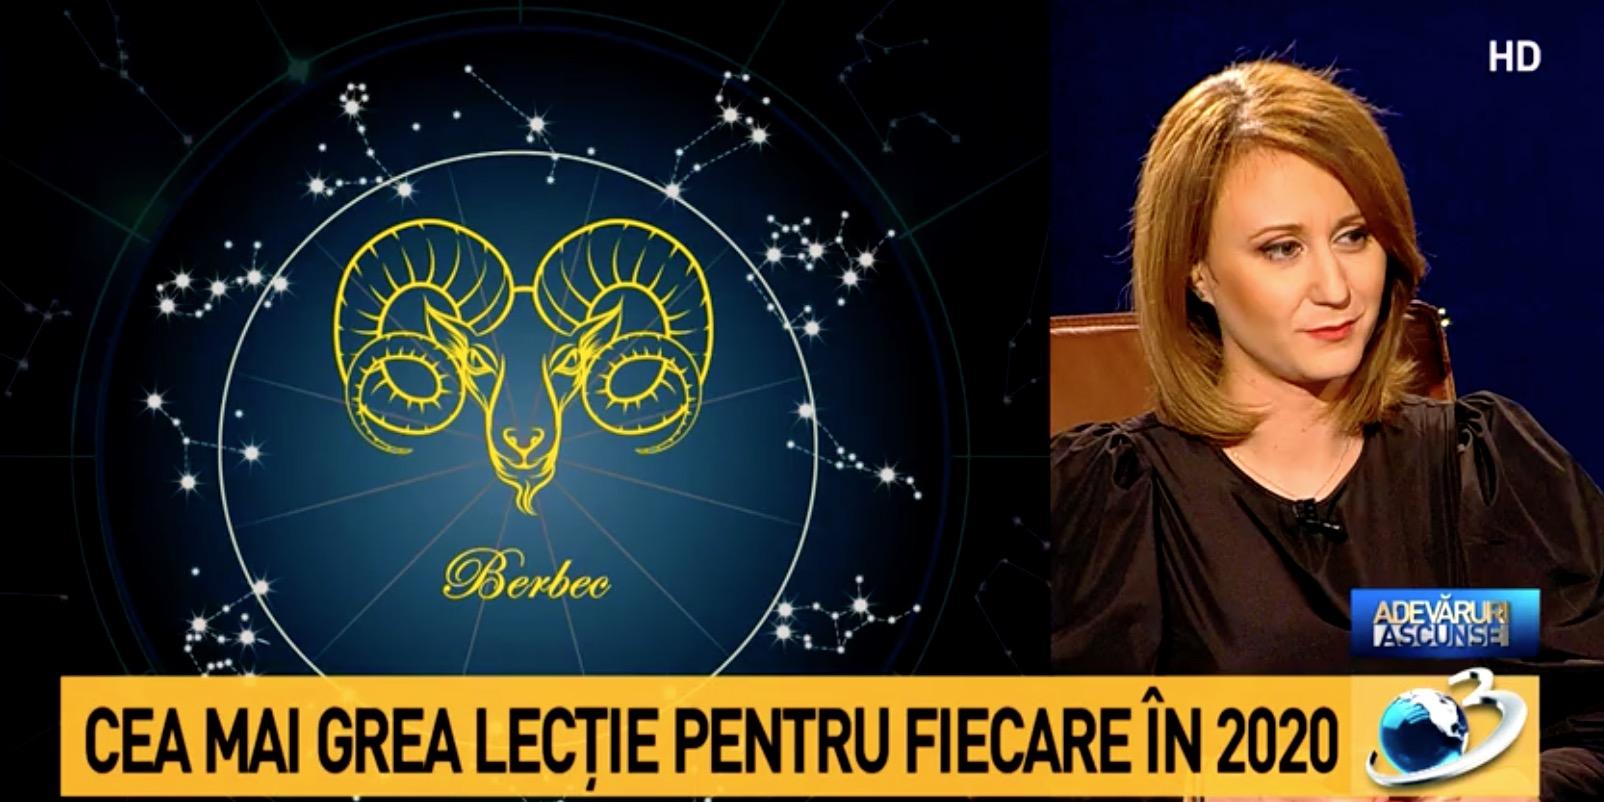 Lidia Fecioru: Cea mai grea lecție pentru fiecare zodie în 2020